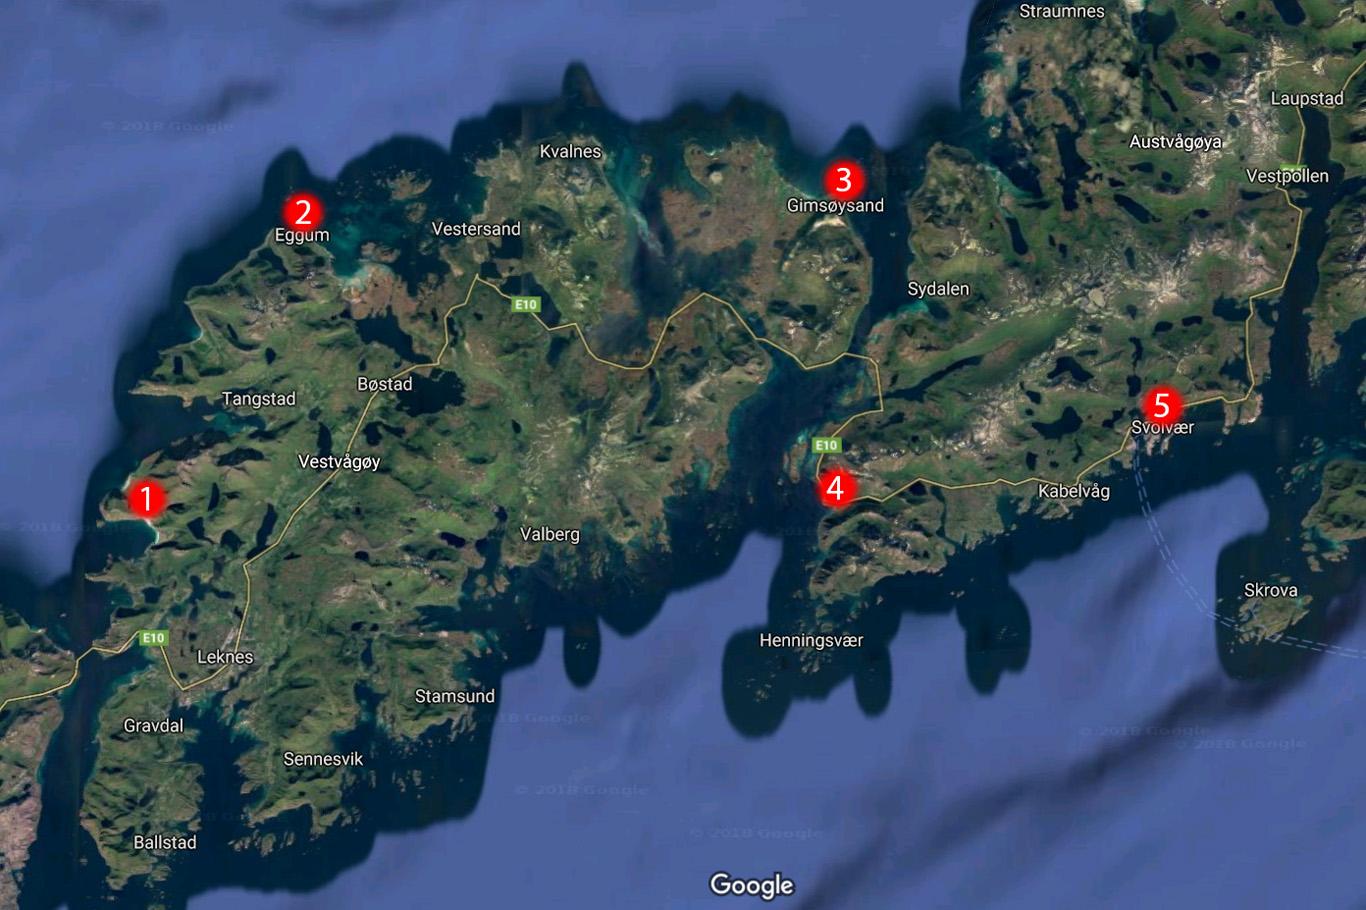 Lofoten map - Vestvagoy, Gimsoya and Austvagoya